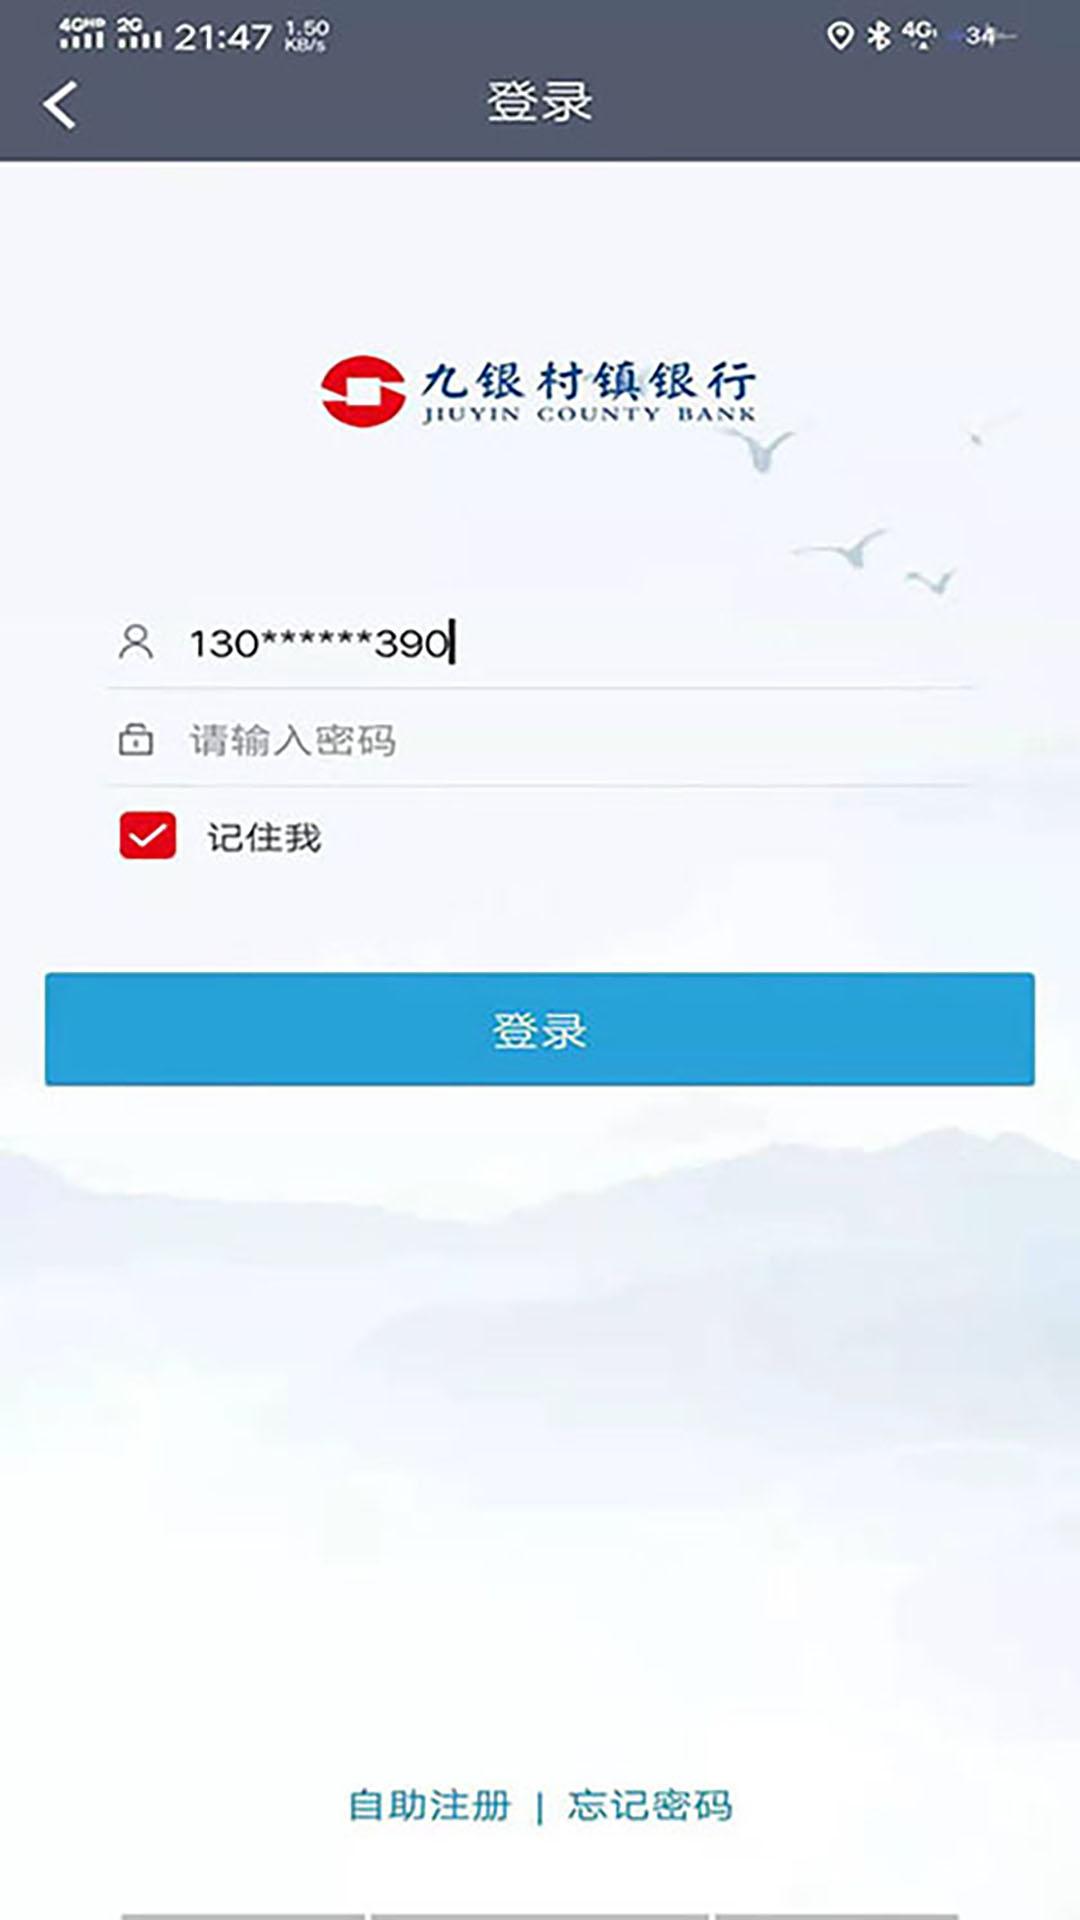 九银村镇银行手机版v4.3.7安卓版截图4